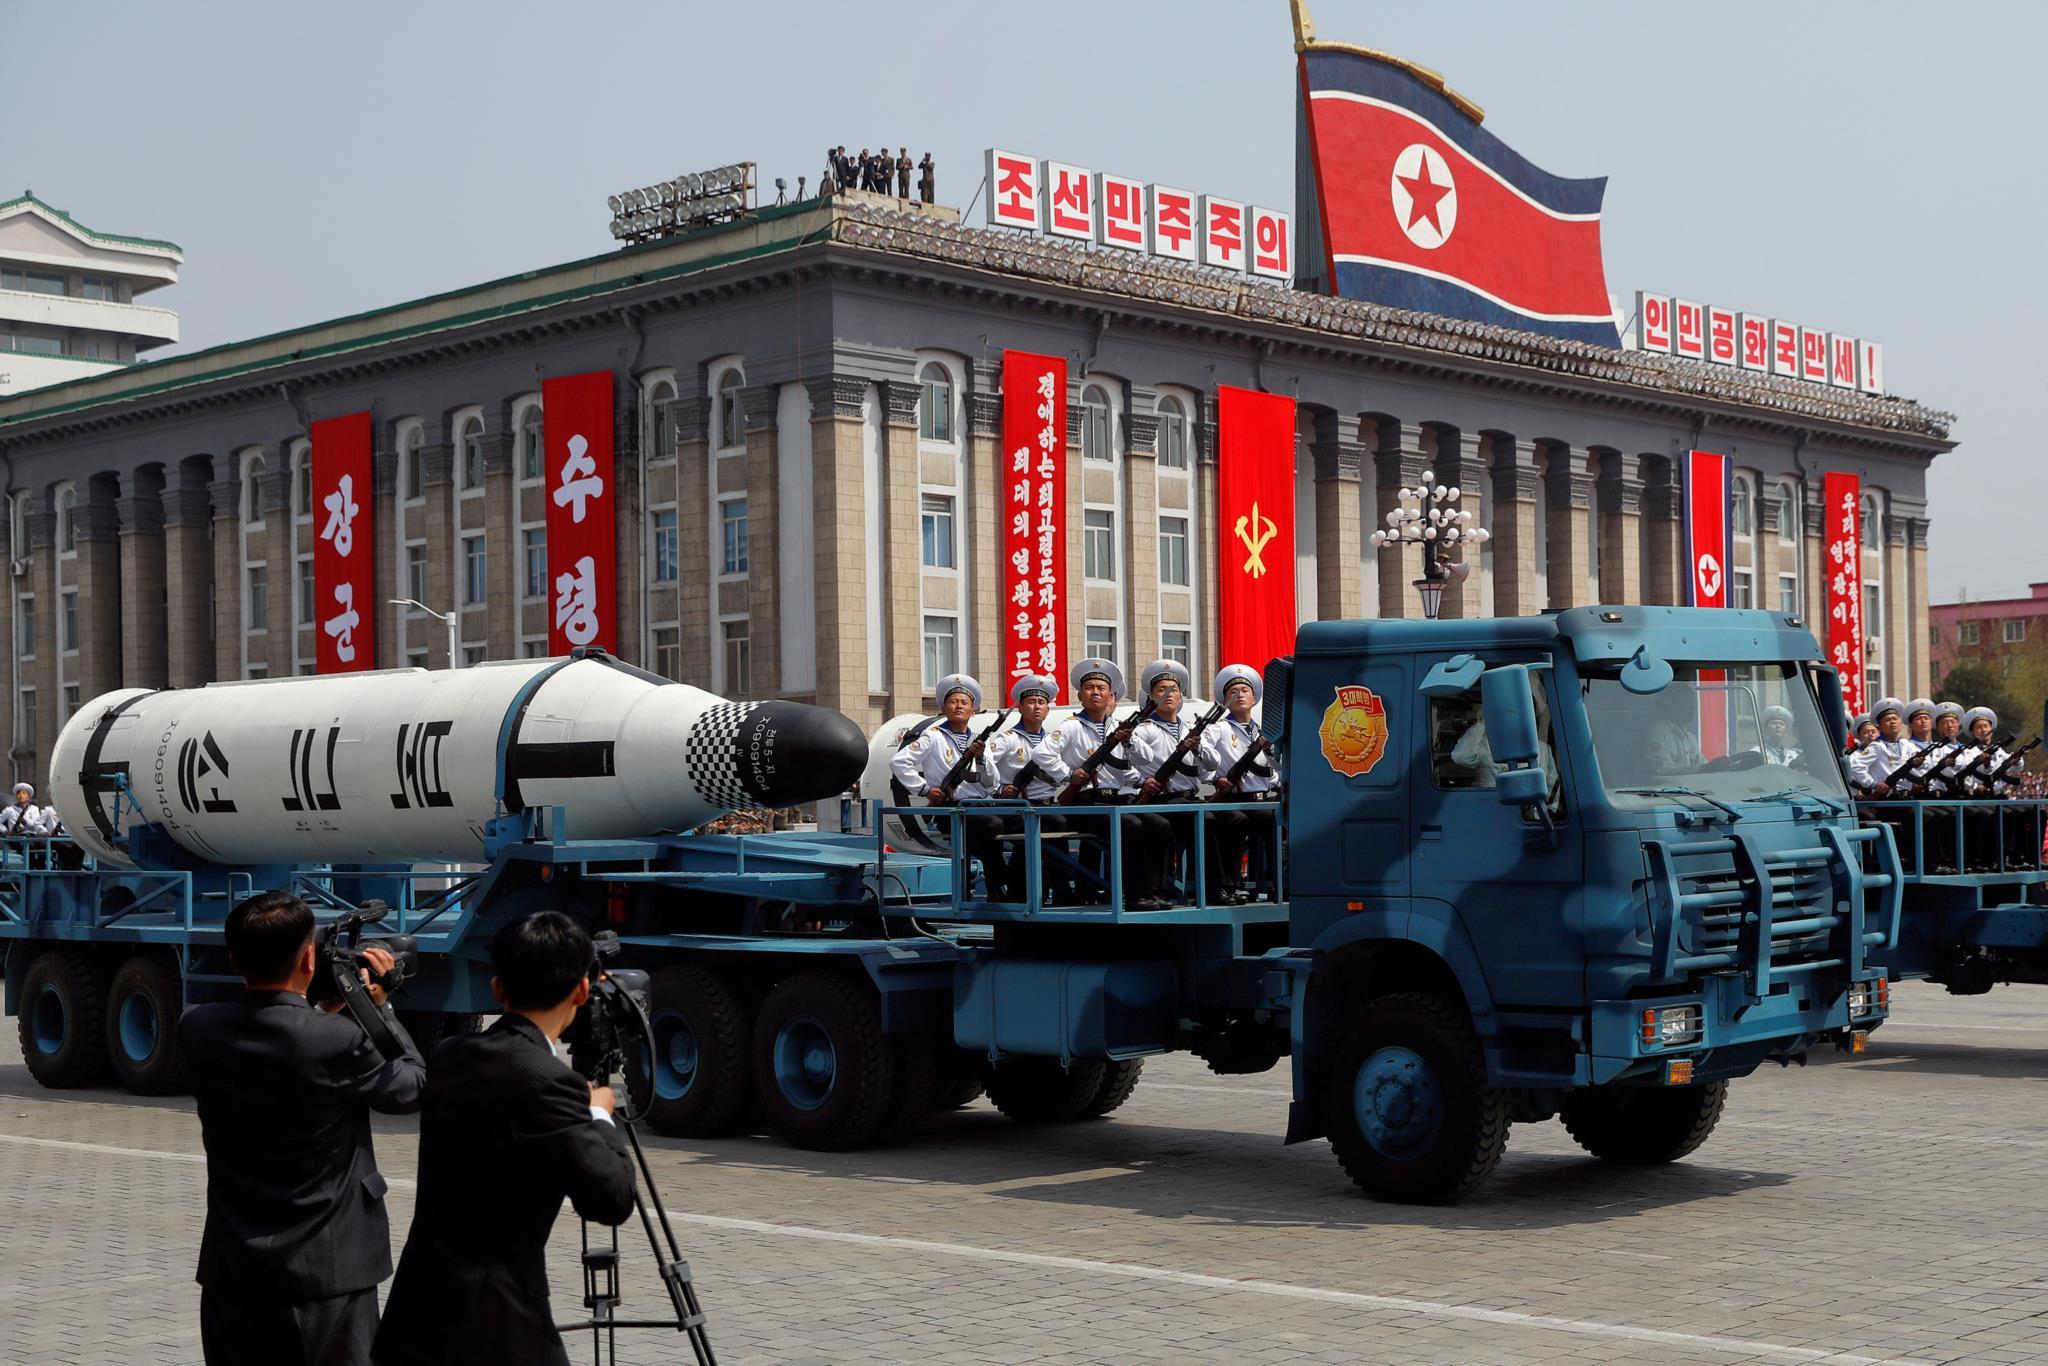 PÚBLICO - Coreia do Norte lança novo míssil balístico, EUA dizem que teste falhou